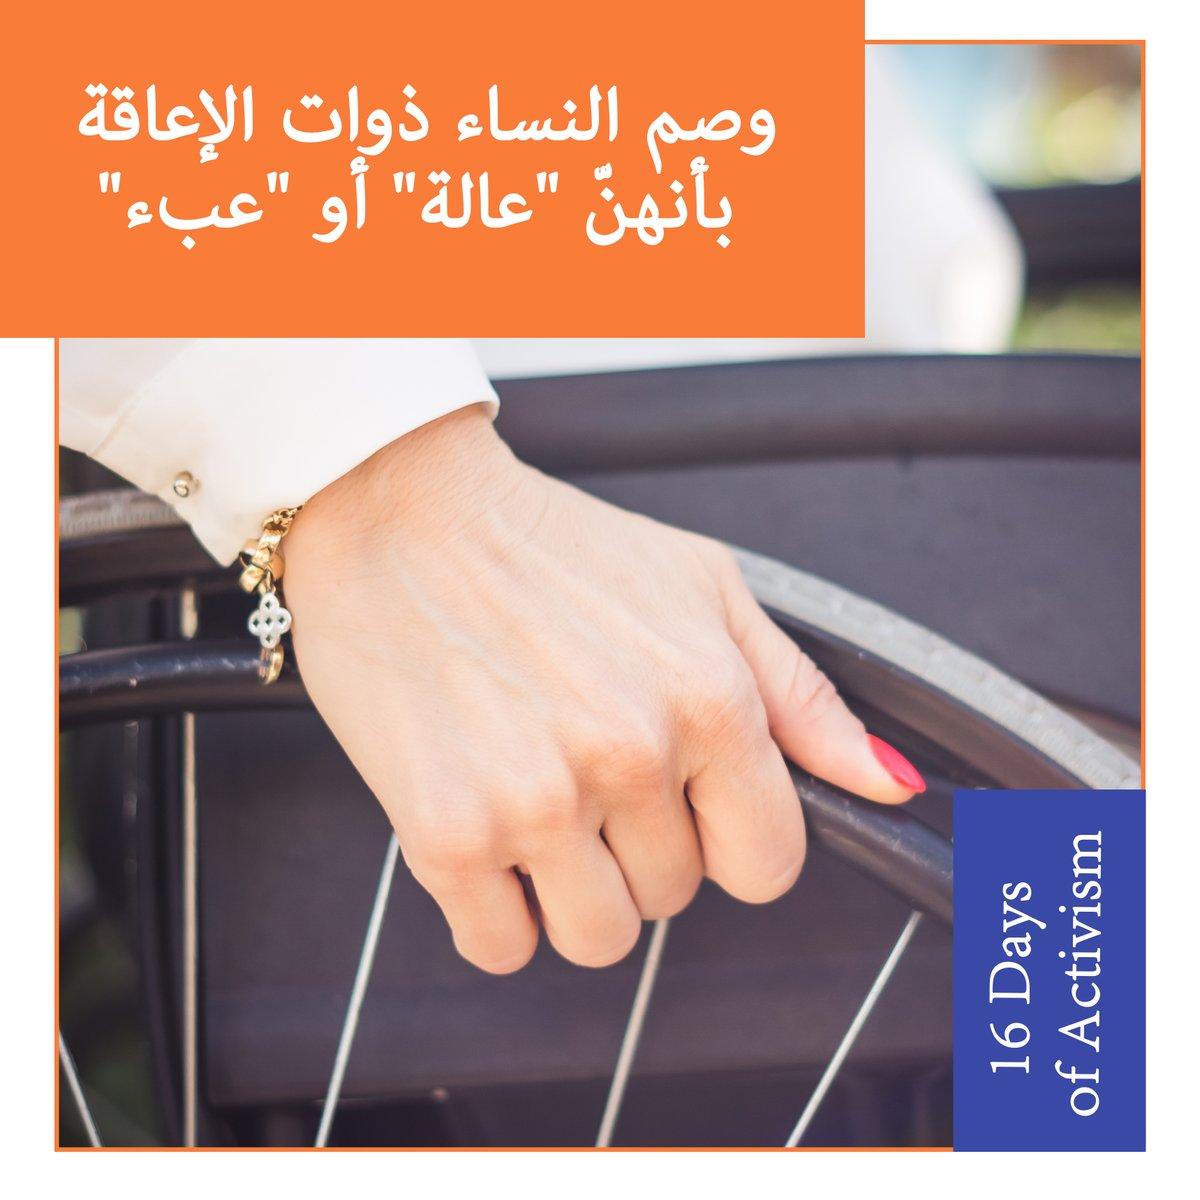 """في بعض المناطق من المنطقة #العربية، أدى إغلاق مراكز الرعاية الخاصة إلى وصم #النساء ذوات الإعاقة بوصفهن """"عالة"""" أو """"عبء"""". @Ai4Women   #١٦يوم"""